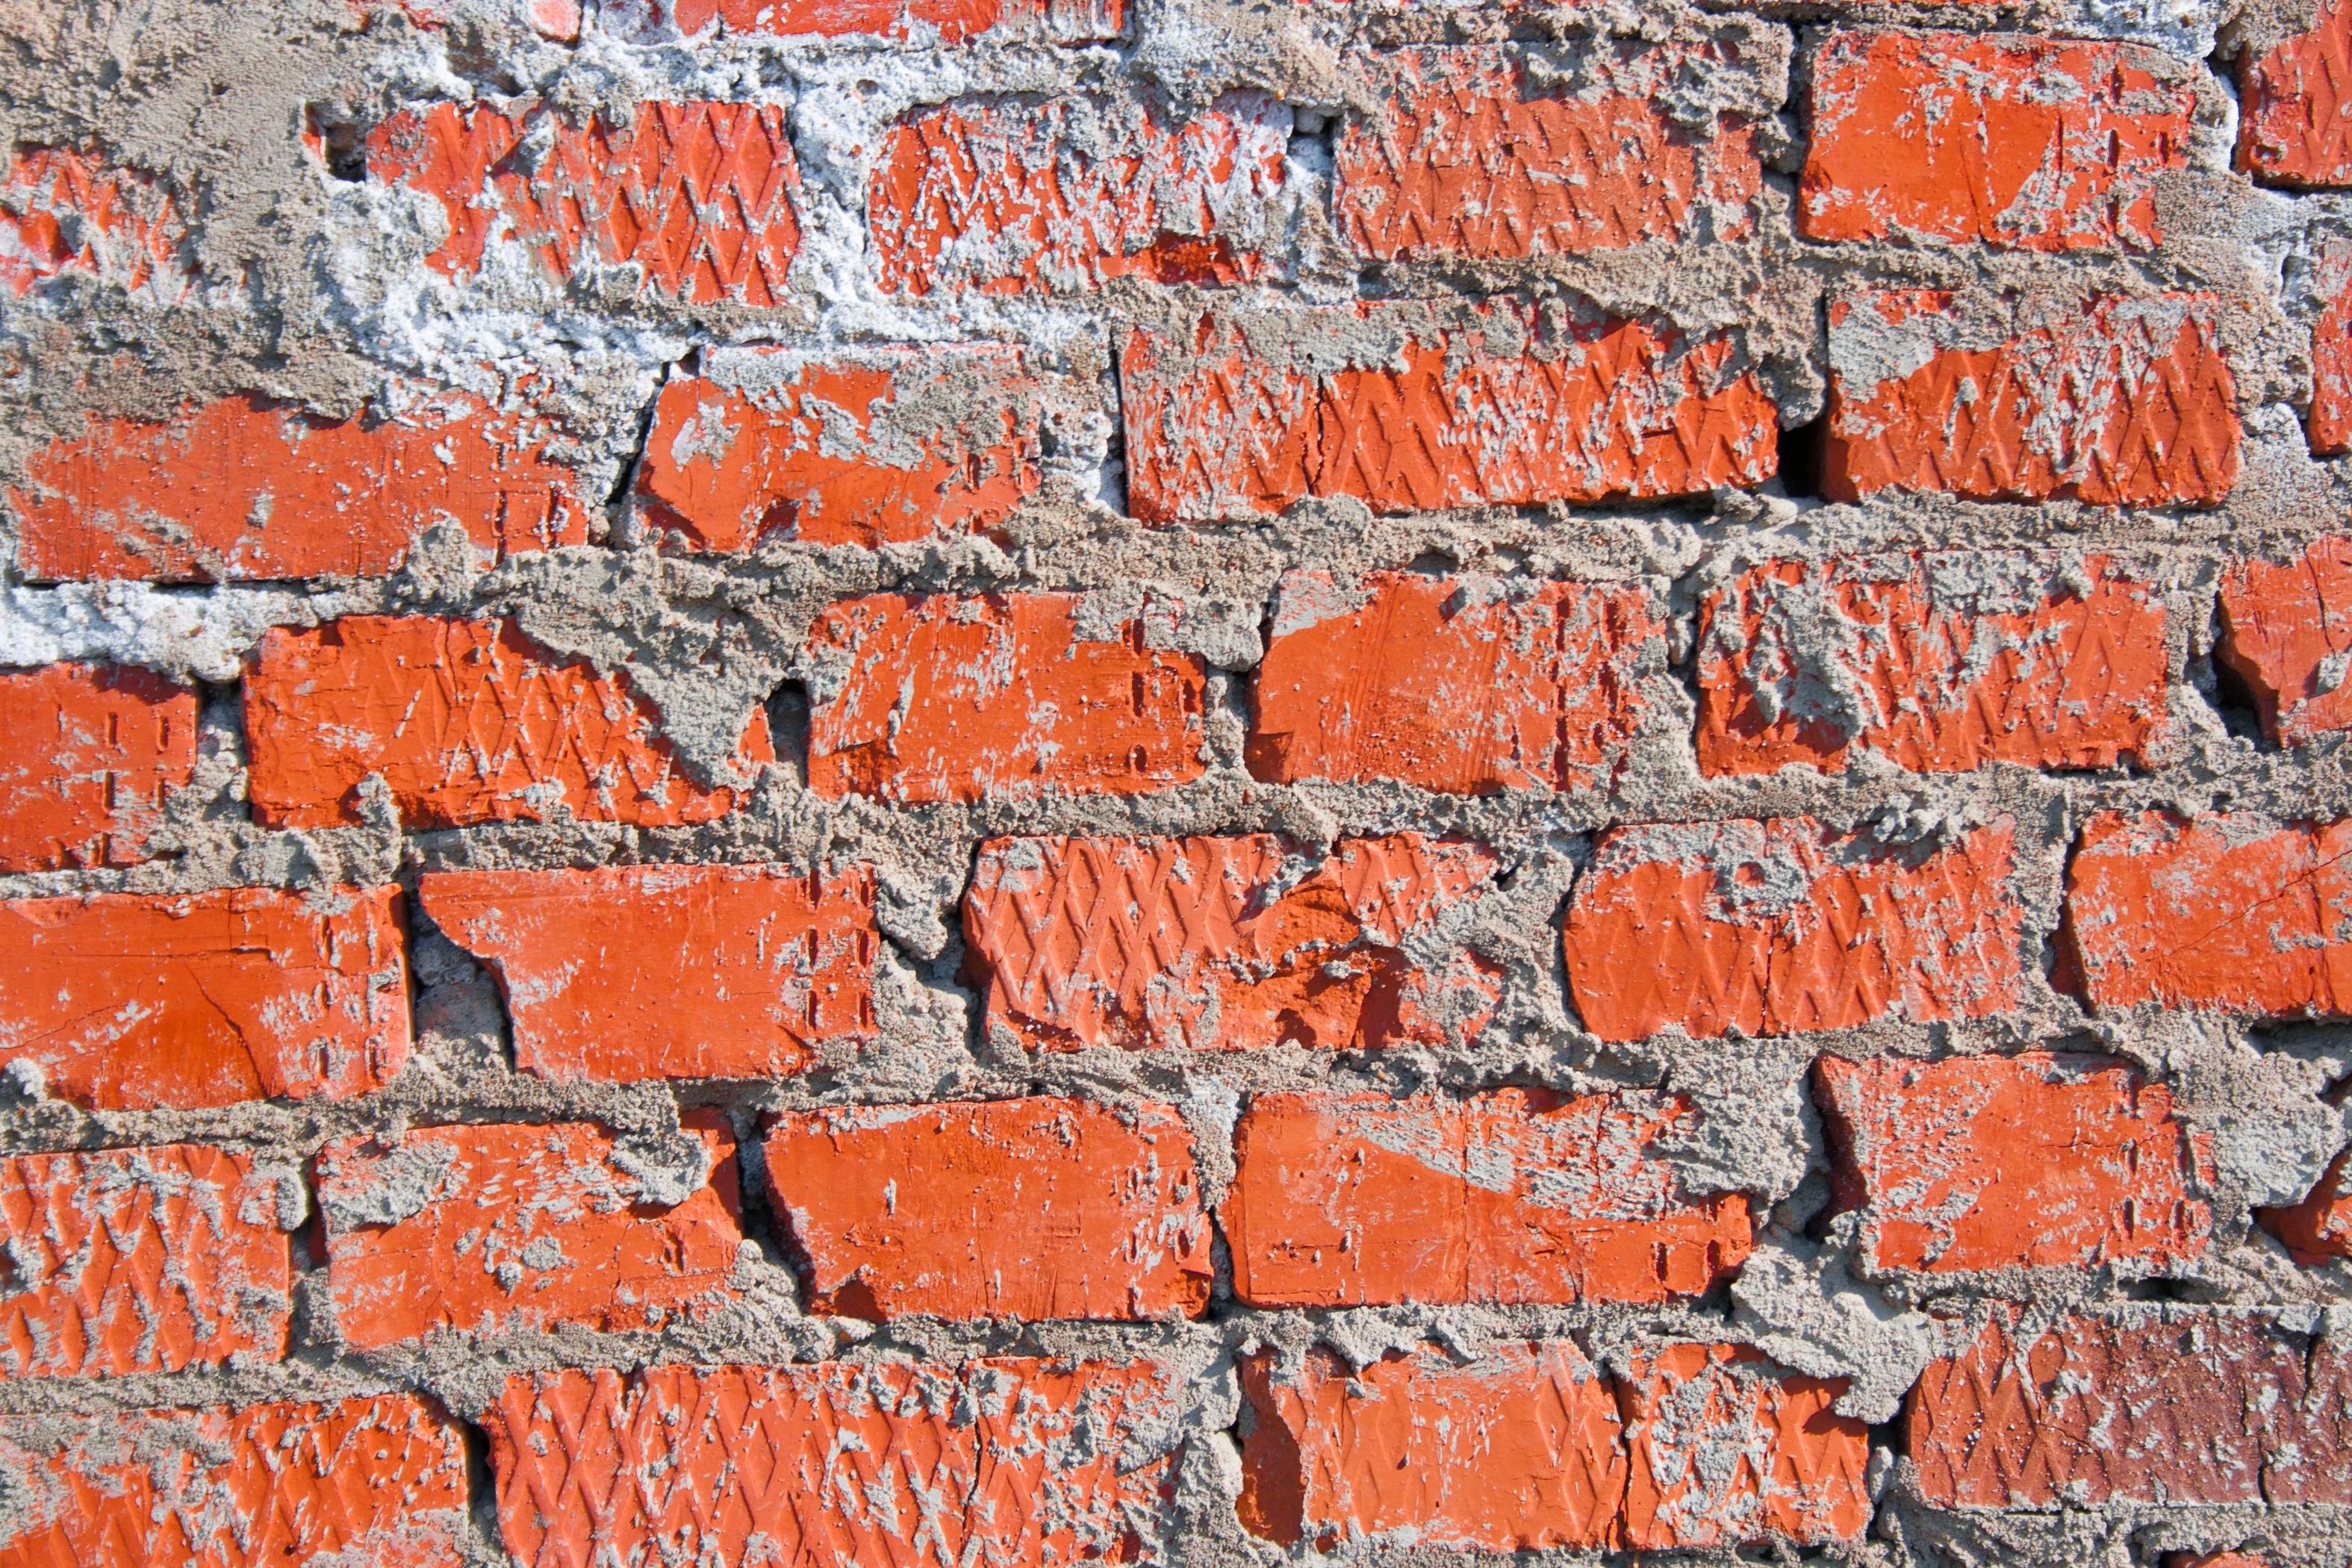 Brick Wall, Bricks, Red, Texture, Surface, HQ Photo